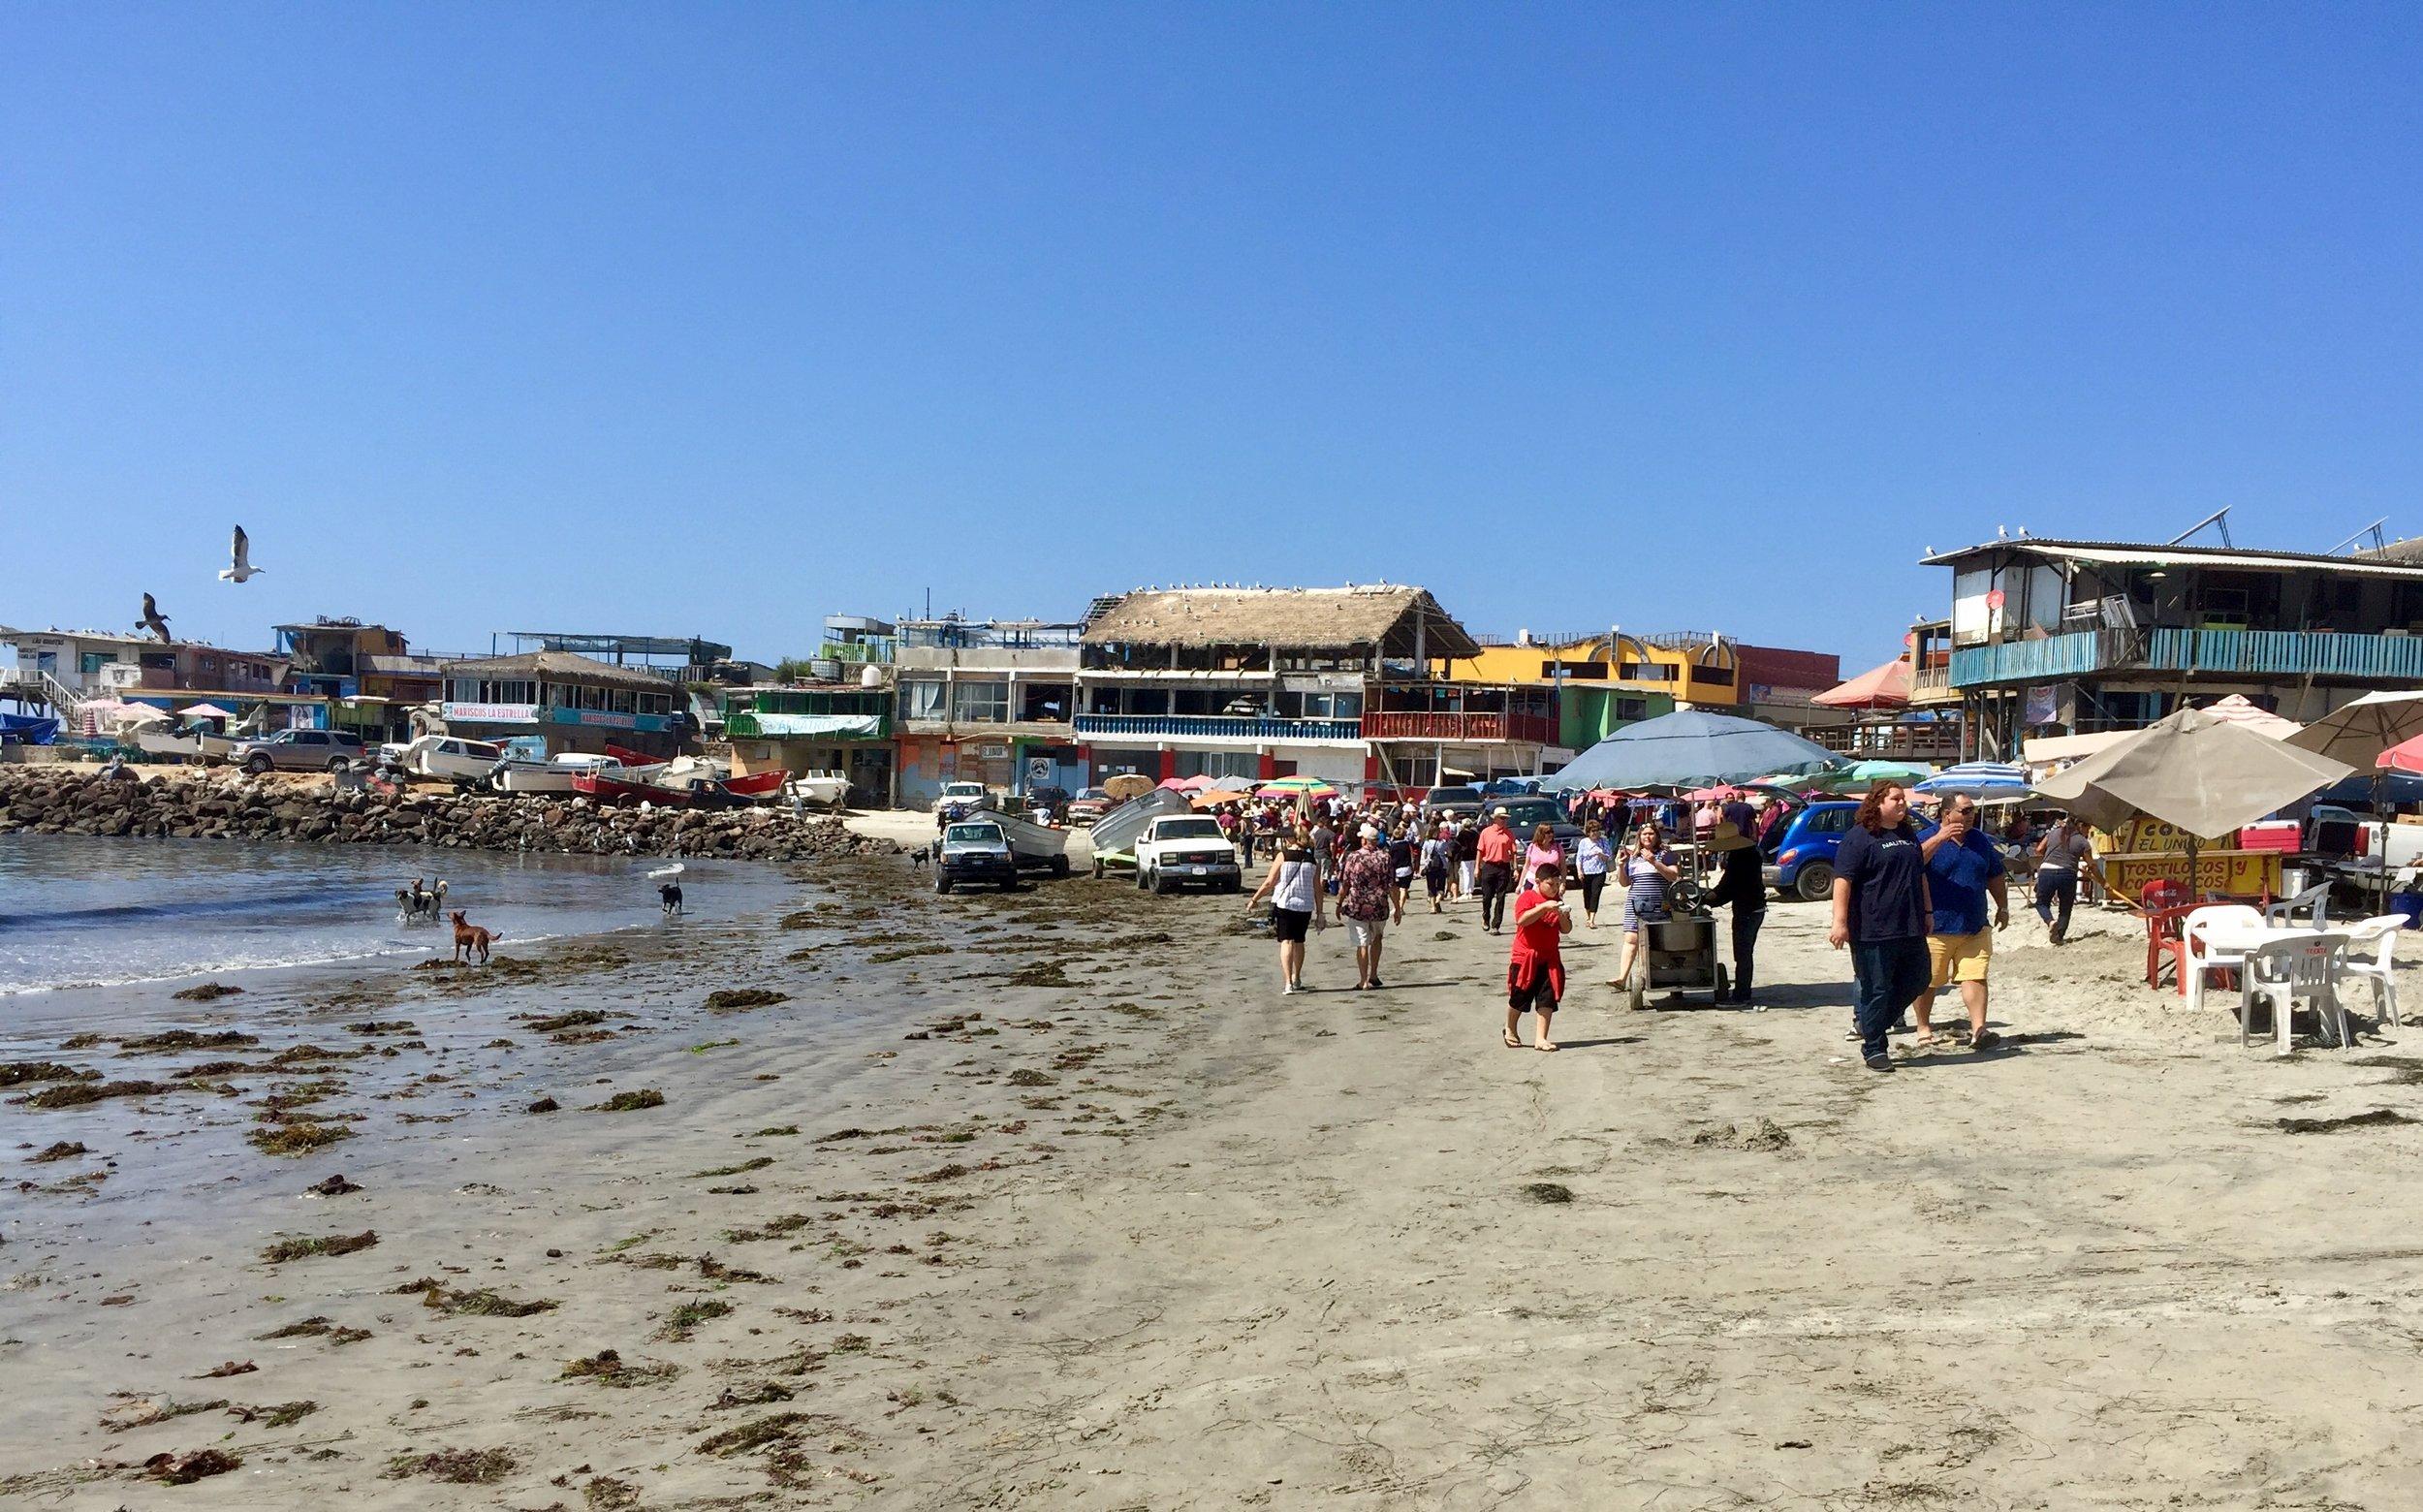 Fishermen's market on the beach at Puerto Popotla